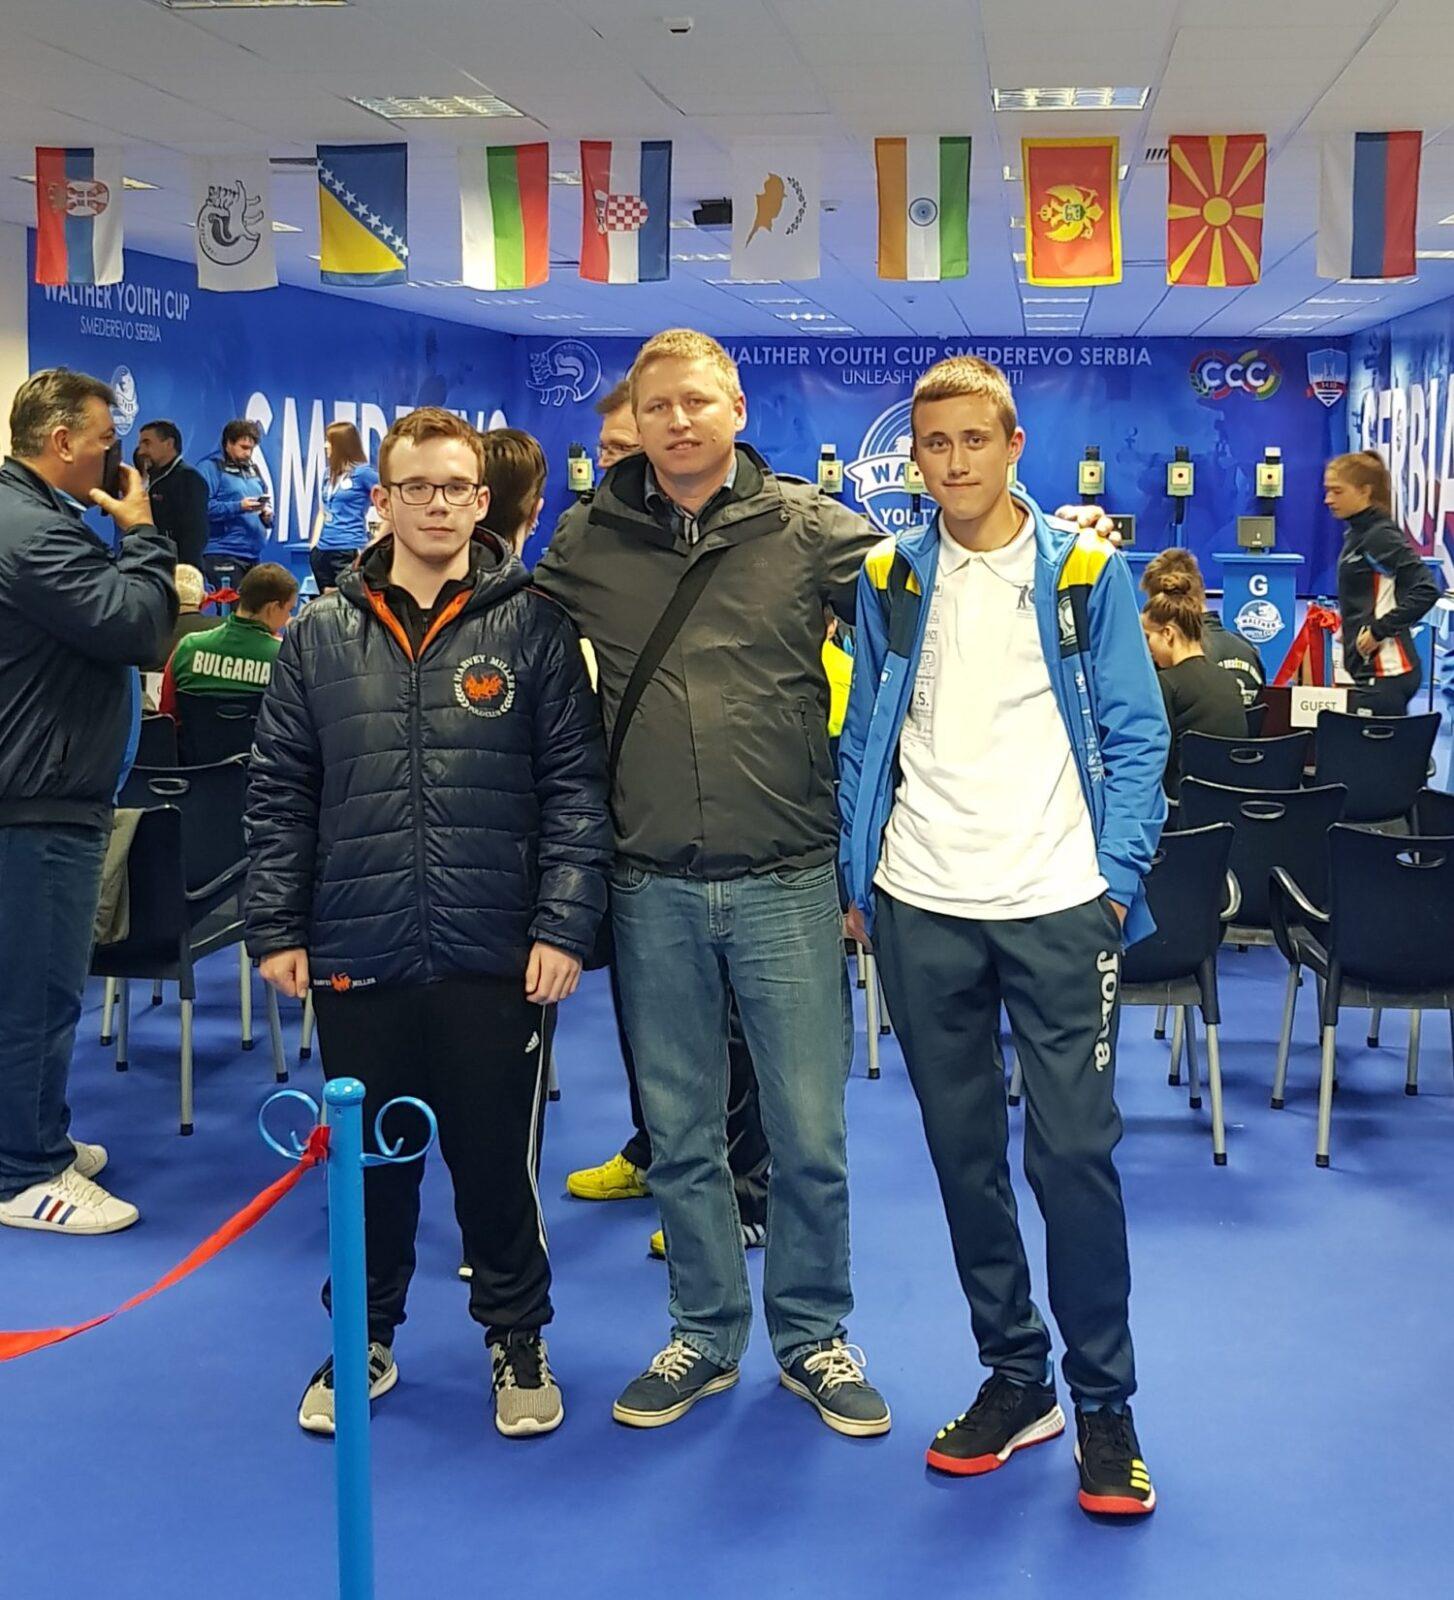 Strijelac Rovinja nastupio na Walther youth cupu u Smederevu!